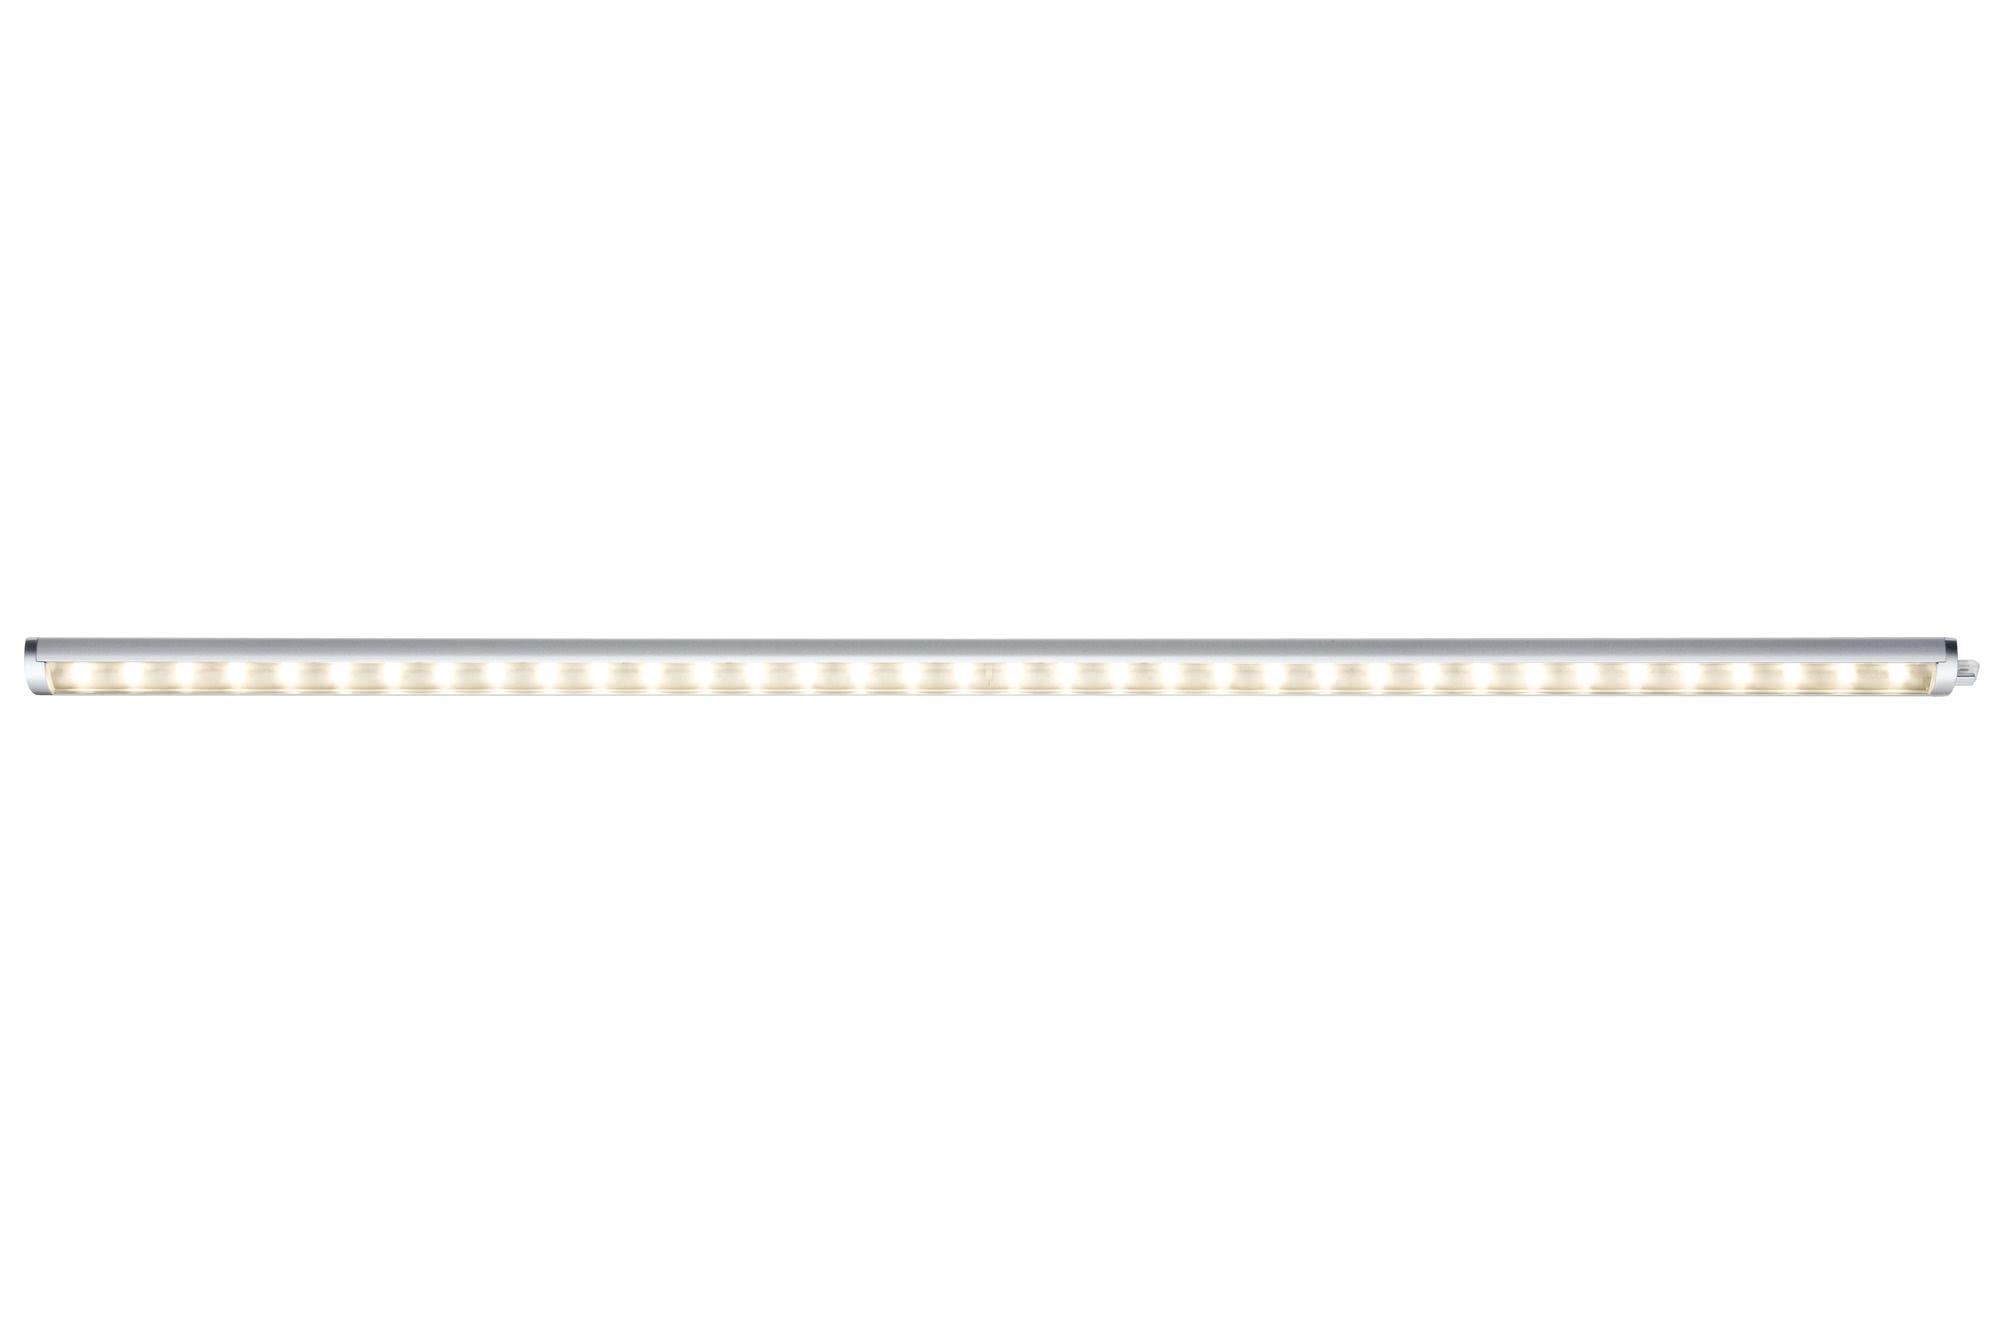 Paulmann. 70285 Панель LED-Lichtleiste Erw 7,5W, 625 мм